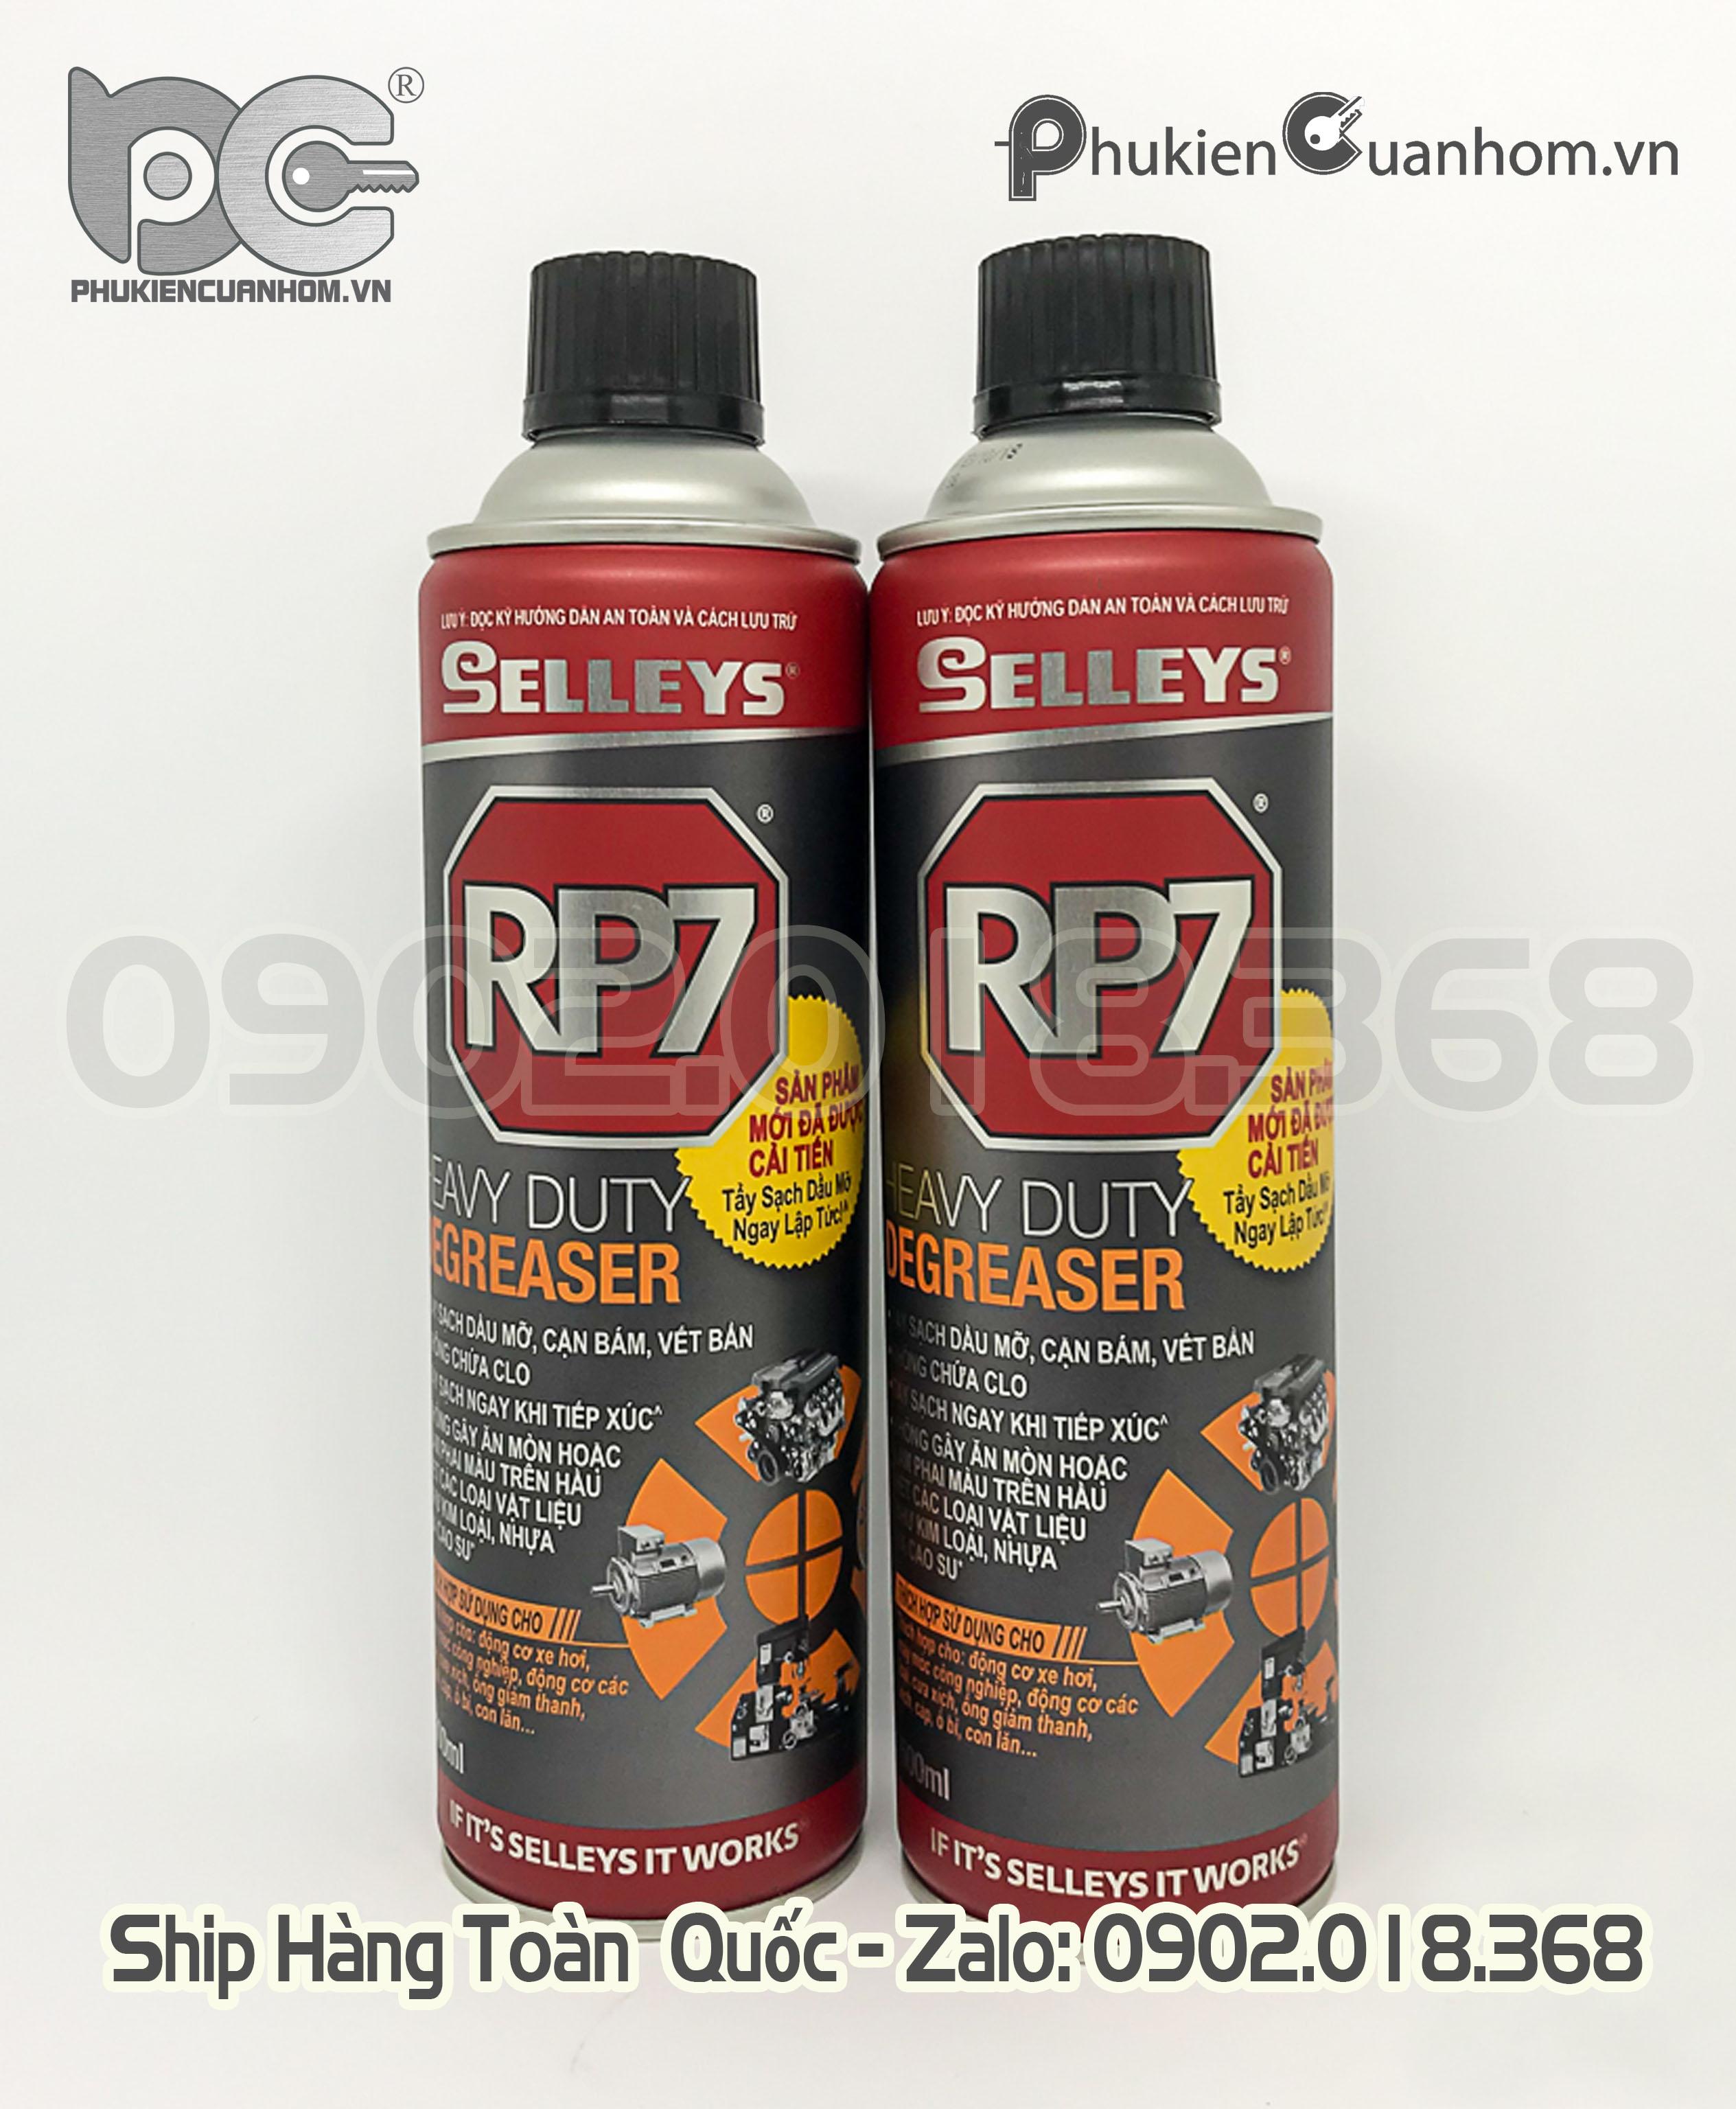 Chất tẩy dầu mở cứng đầu Selleys RP7 Heavy duty Degreaser